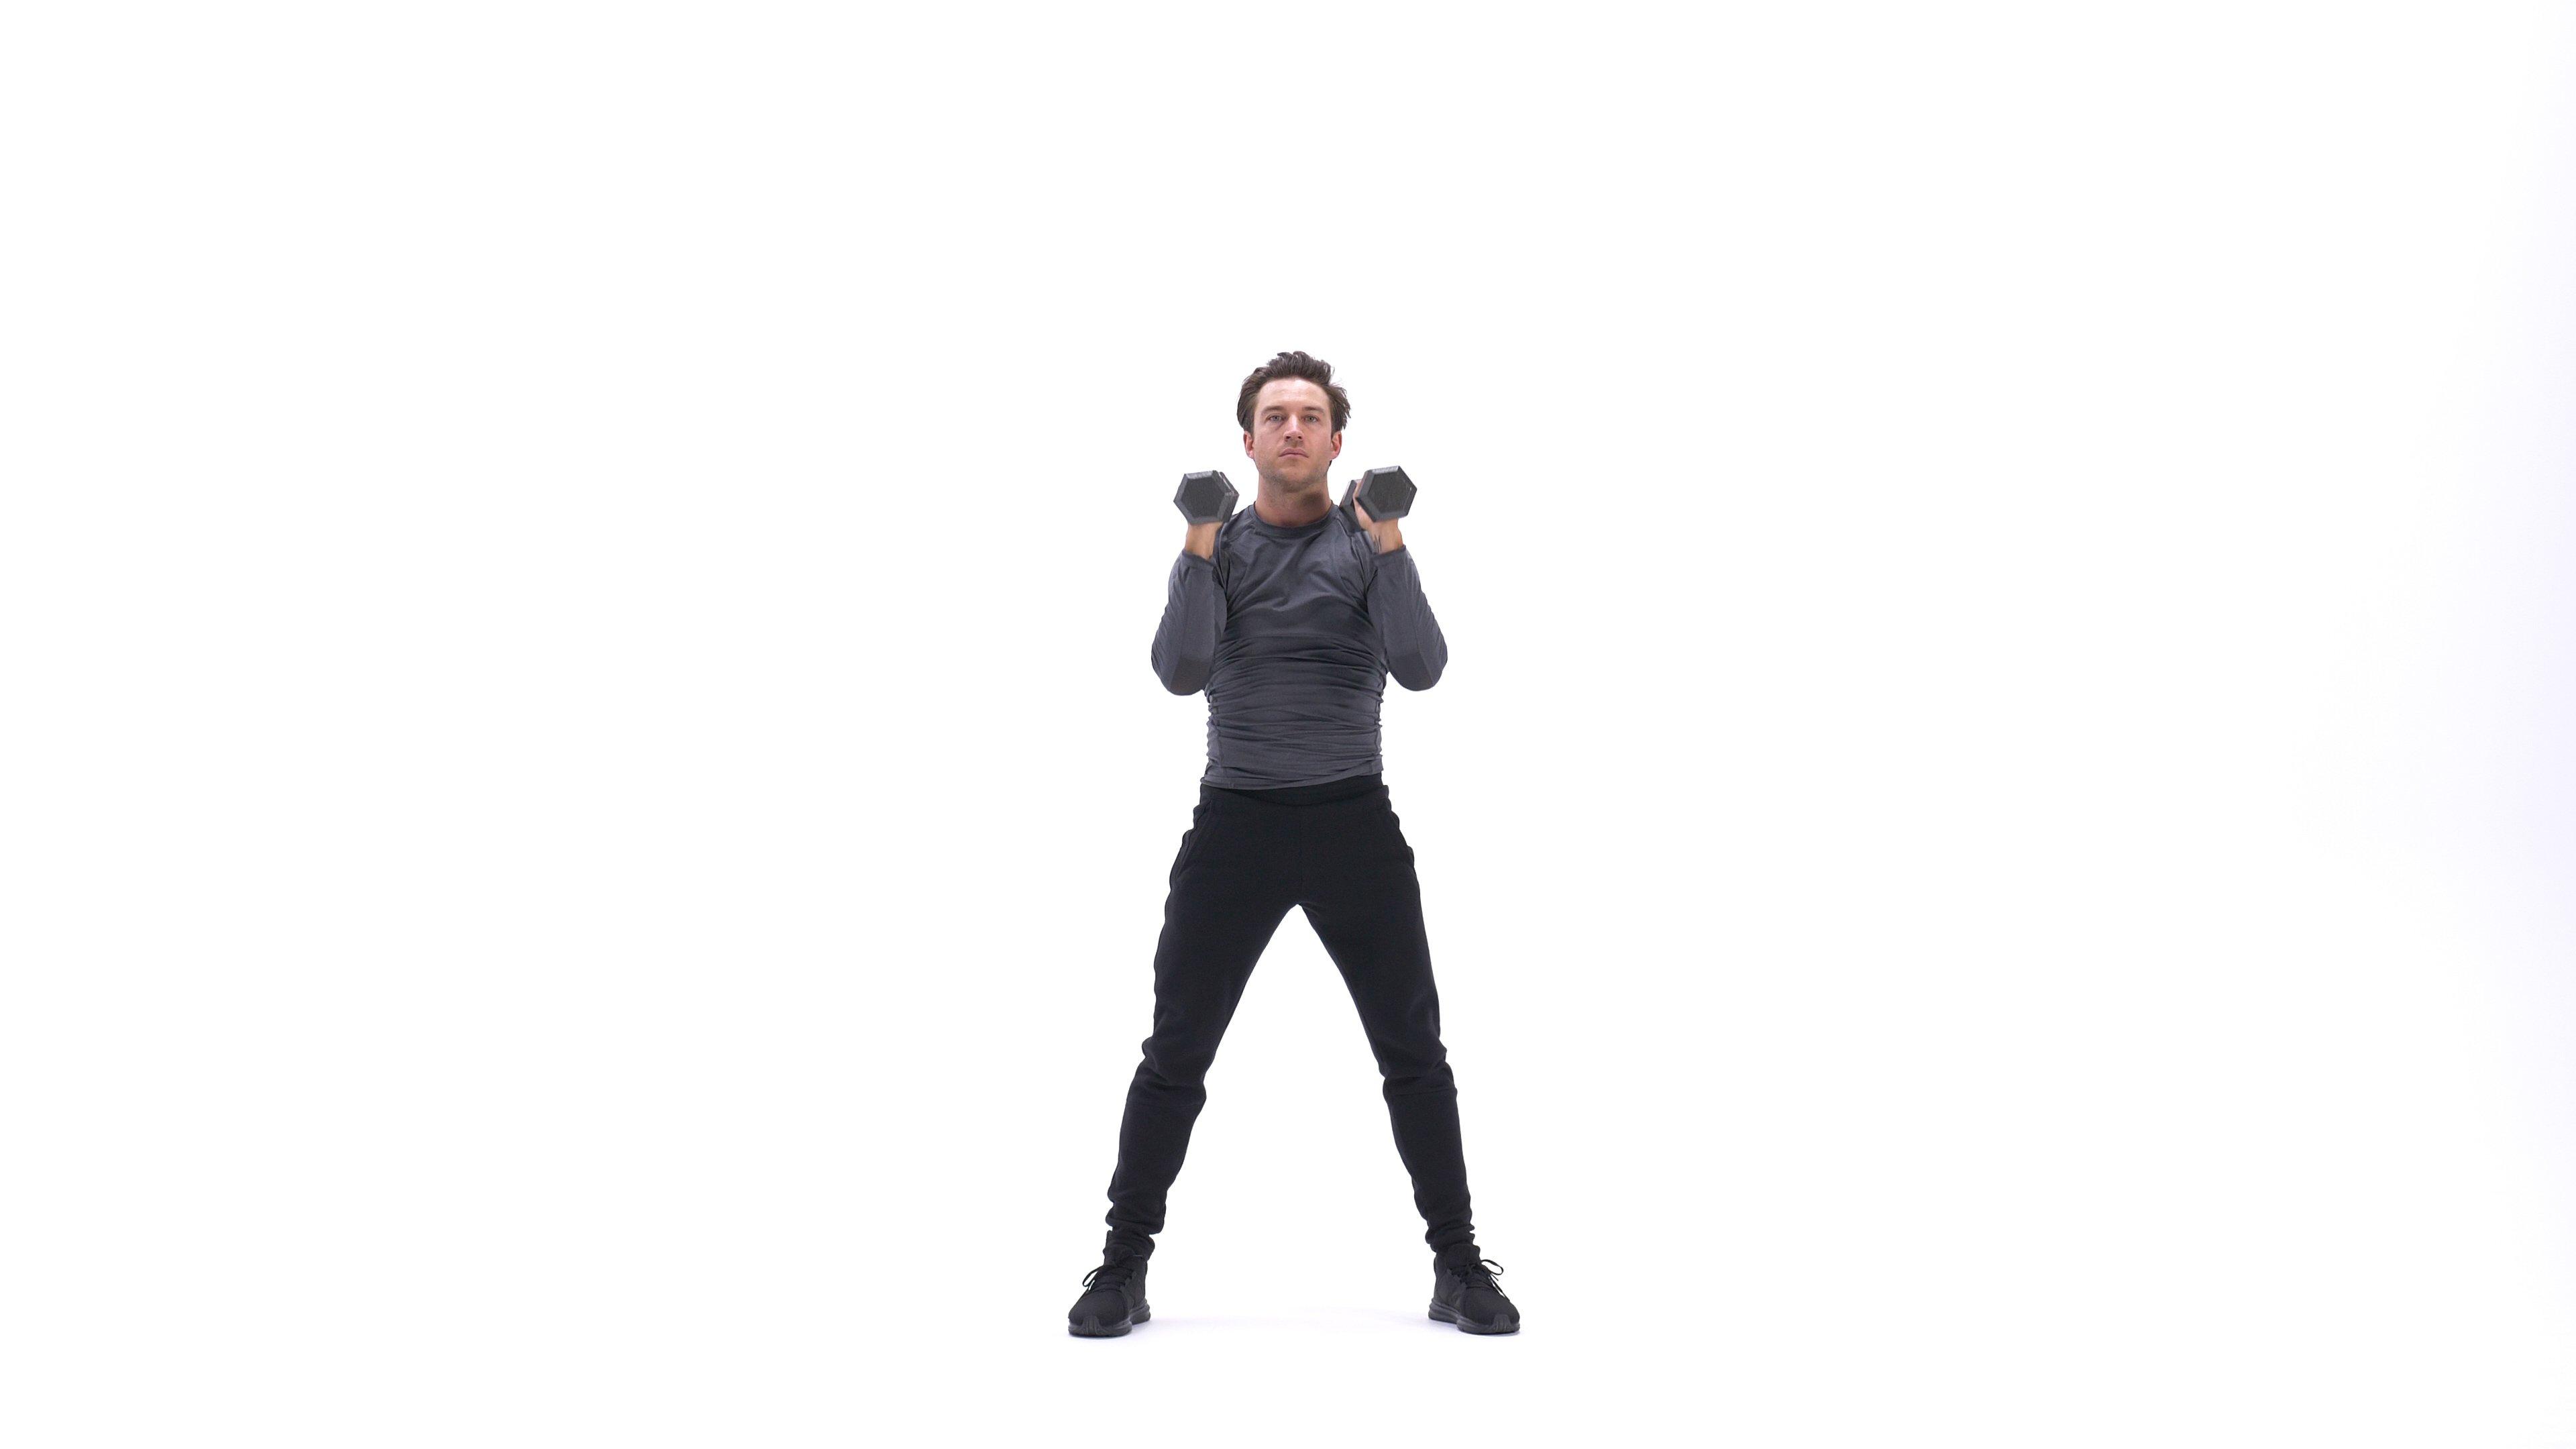 Dumbbell Squat To Shoulder Press image